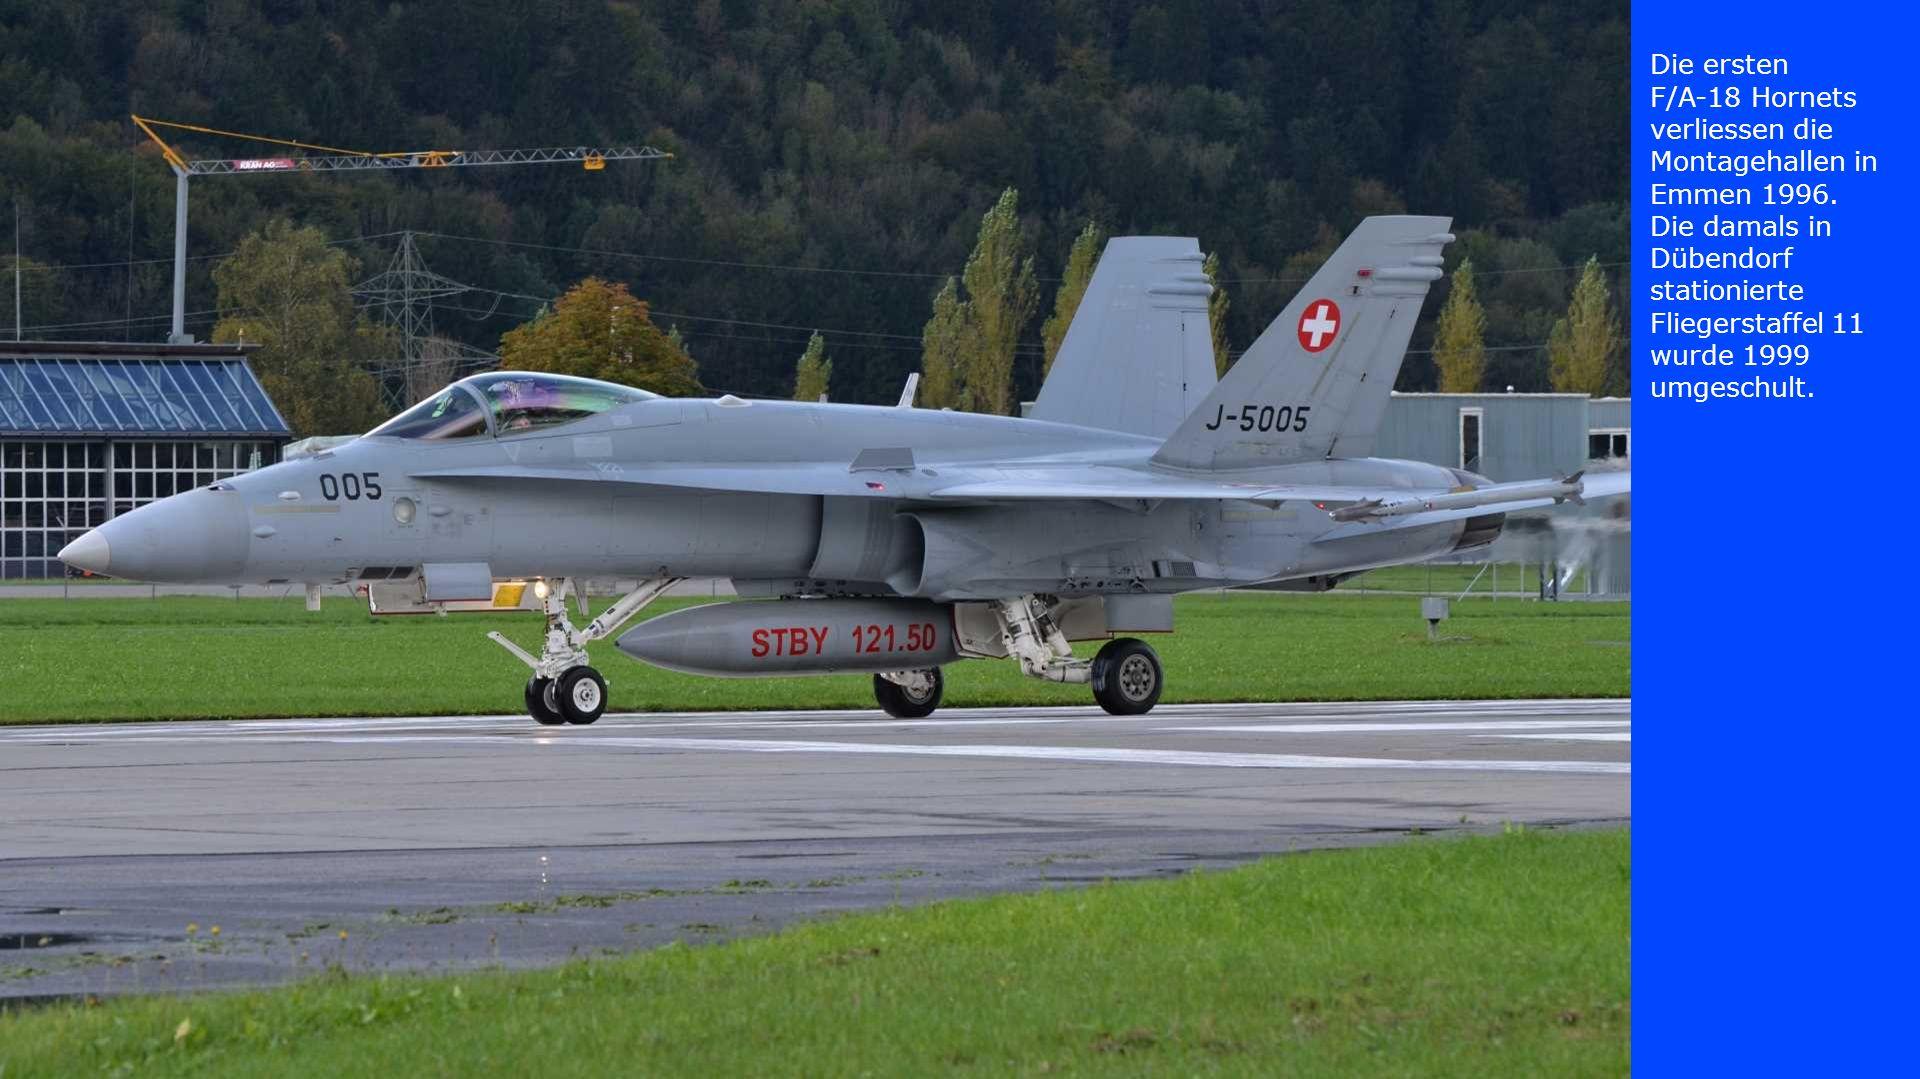 Die ersten F/A-18 Hornets verliessen die Montagehallen in Emmen 1996. Die damals in Dübendorf stationierte Fliegerstaffel 11 wurde 1999 umgeschult.